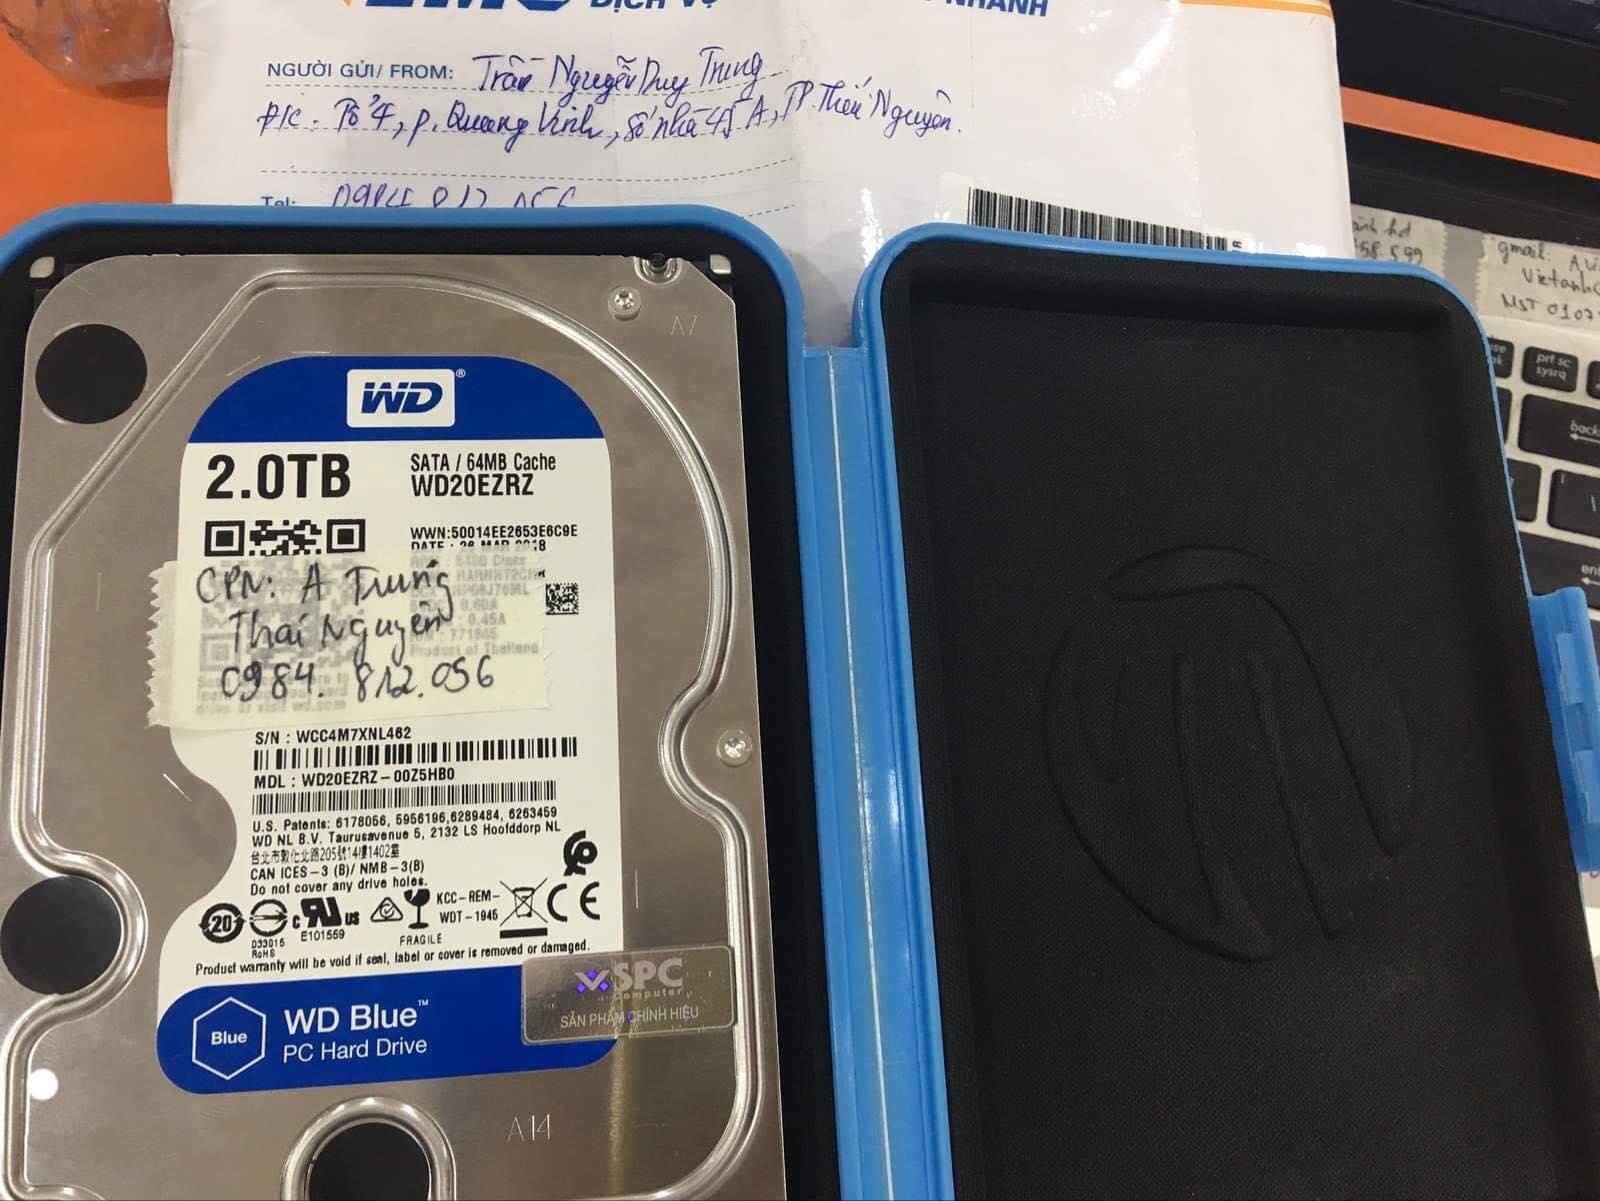 Khôi phục dữ liệu ổ cứng Western 2TB bad tại Thái Nguyên 06/09/2019 - cuumaytinh